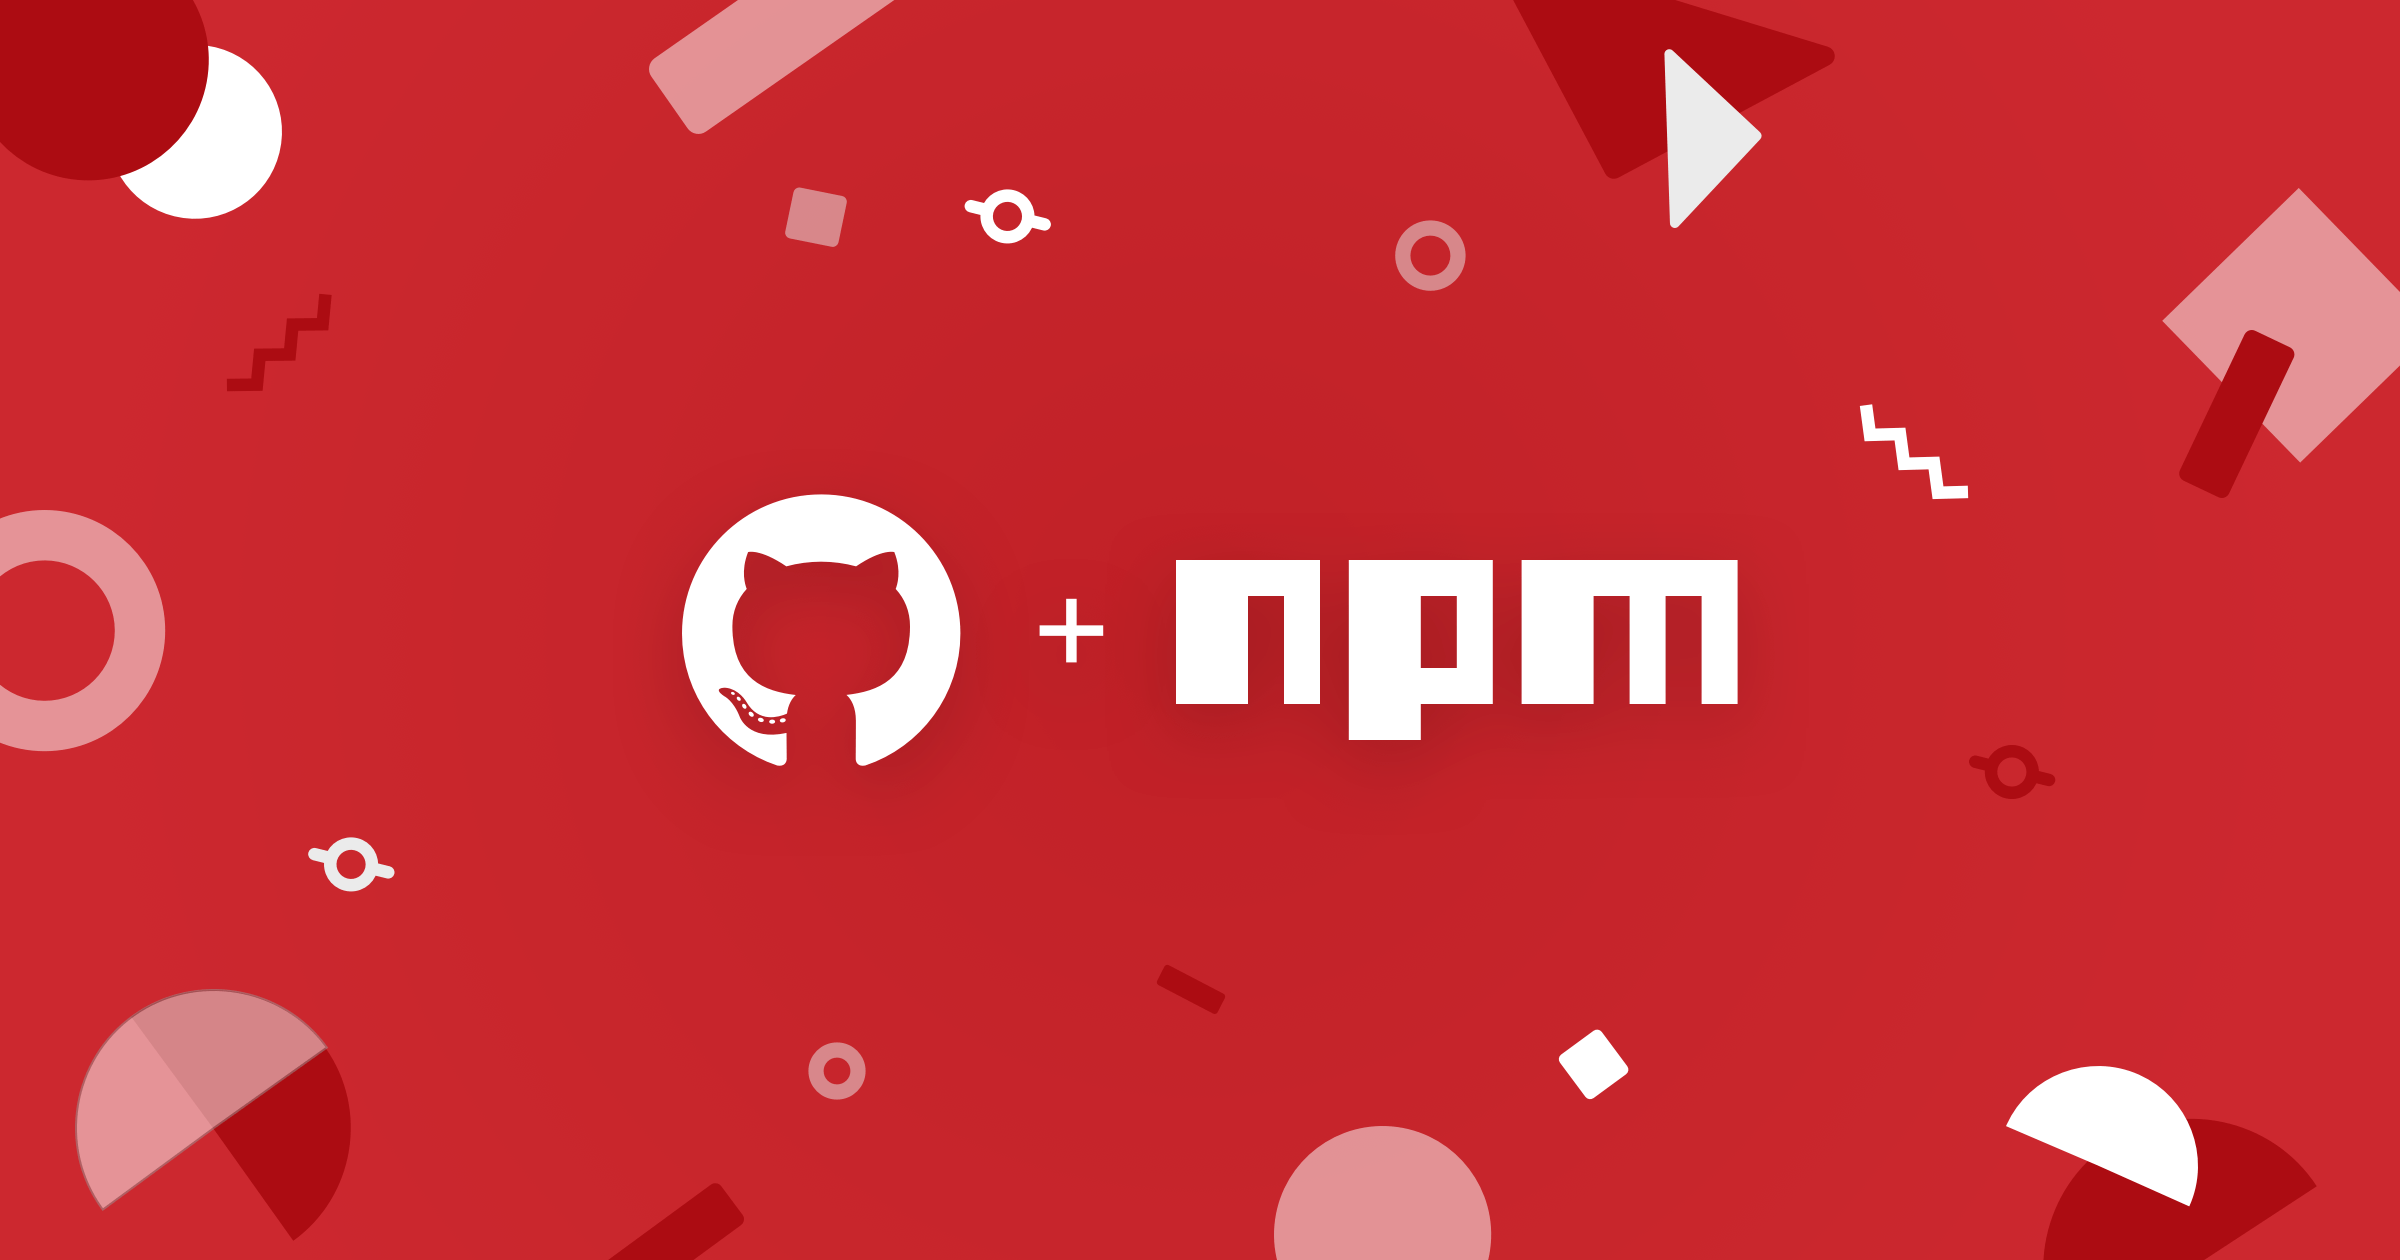 Вредонос в npm-пакете web-browserify не обнаруживается ни одним антивирусным ПО